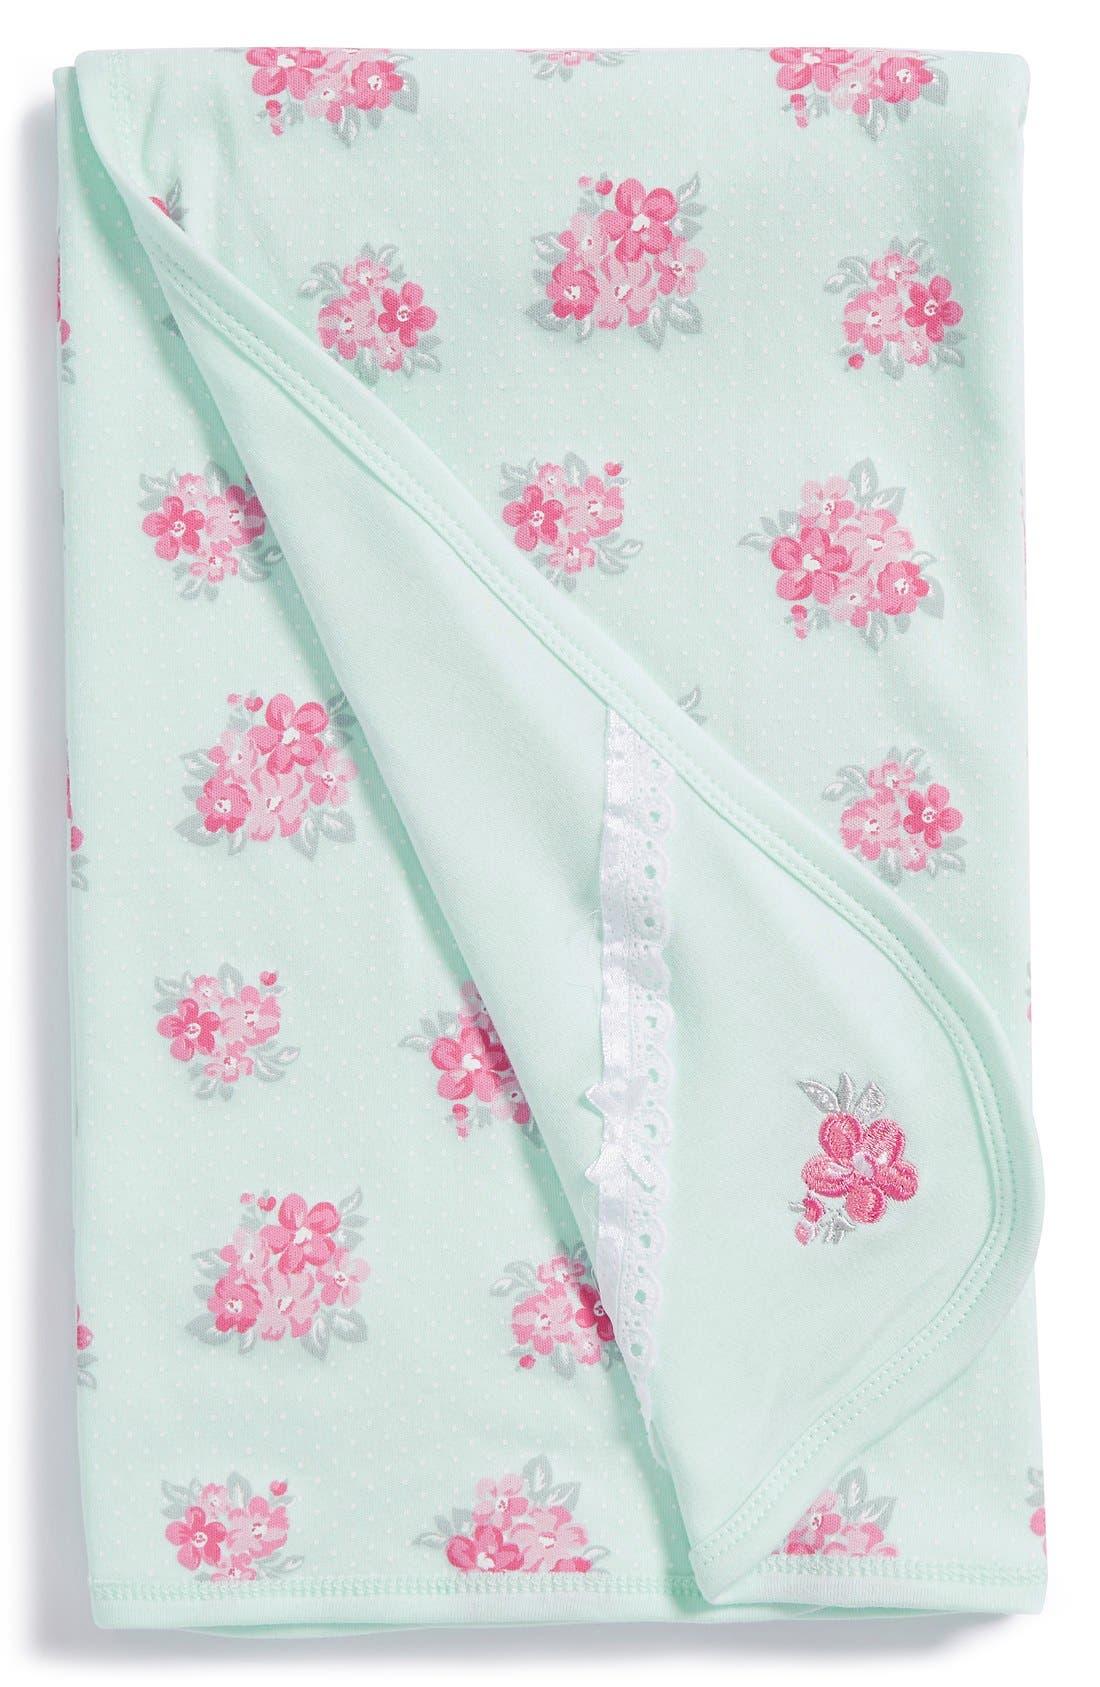 Alternate Image 1 Selected - Little Me 'Spring Posies' Receiving Blanket